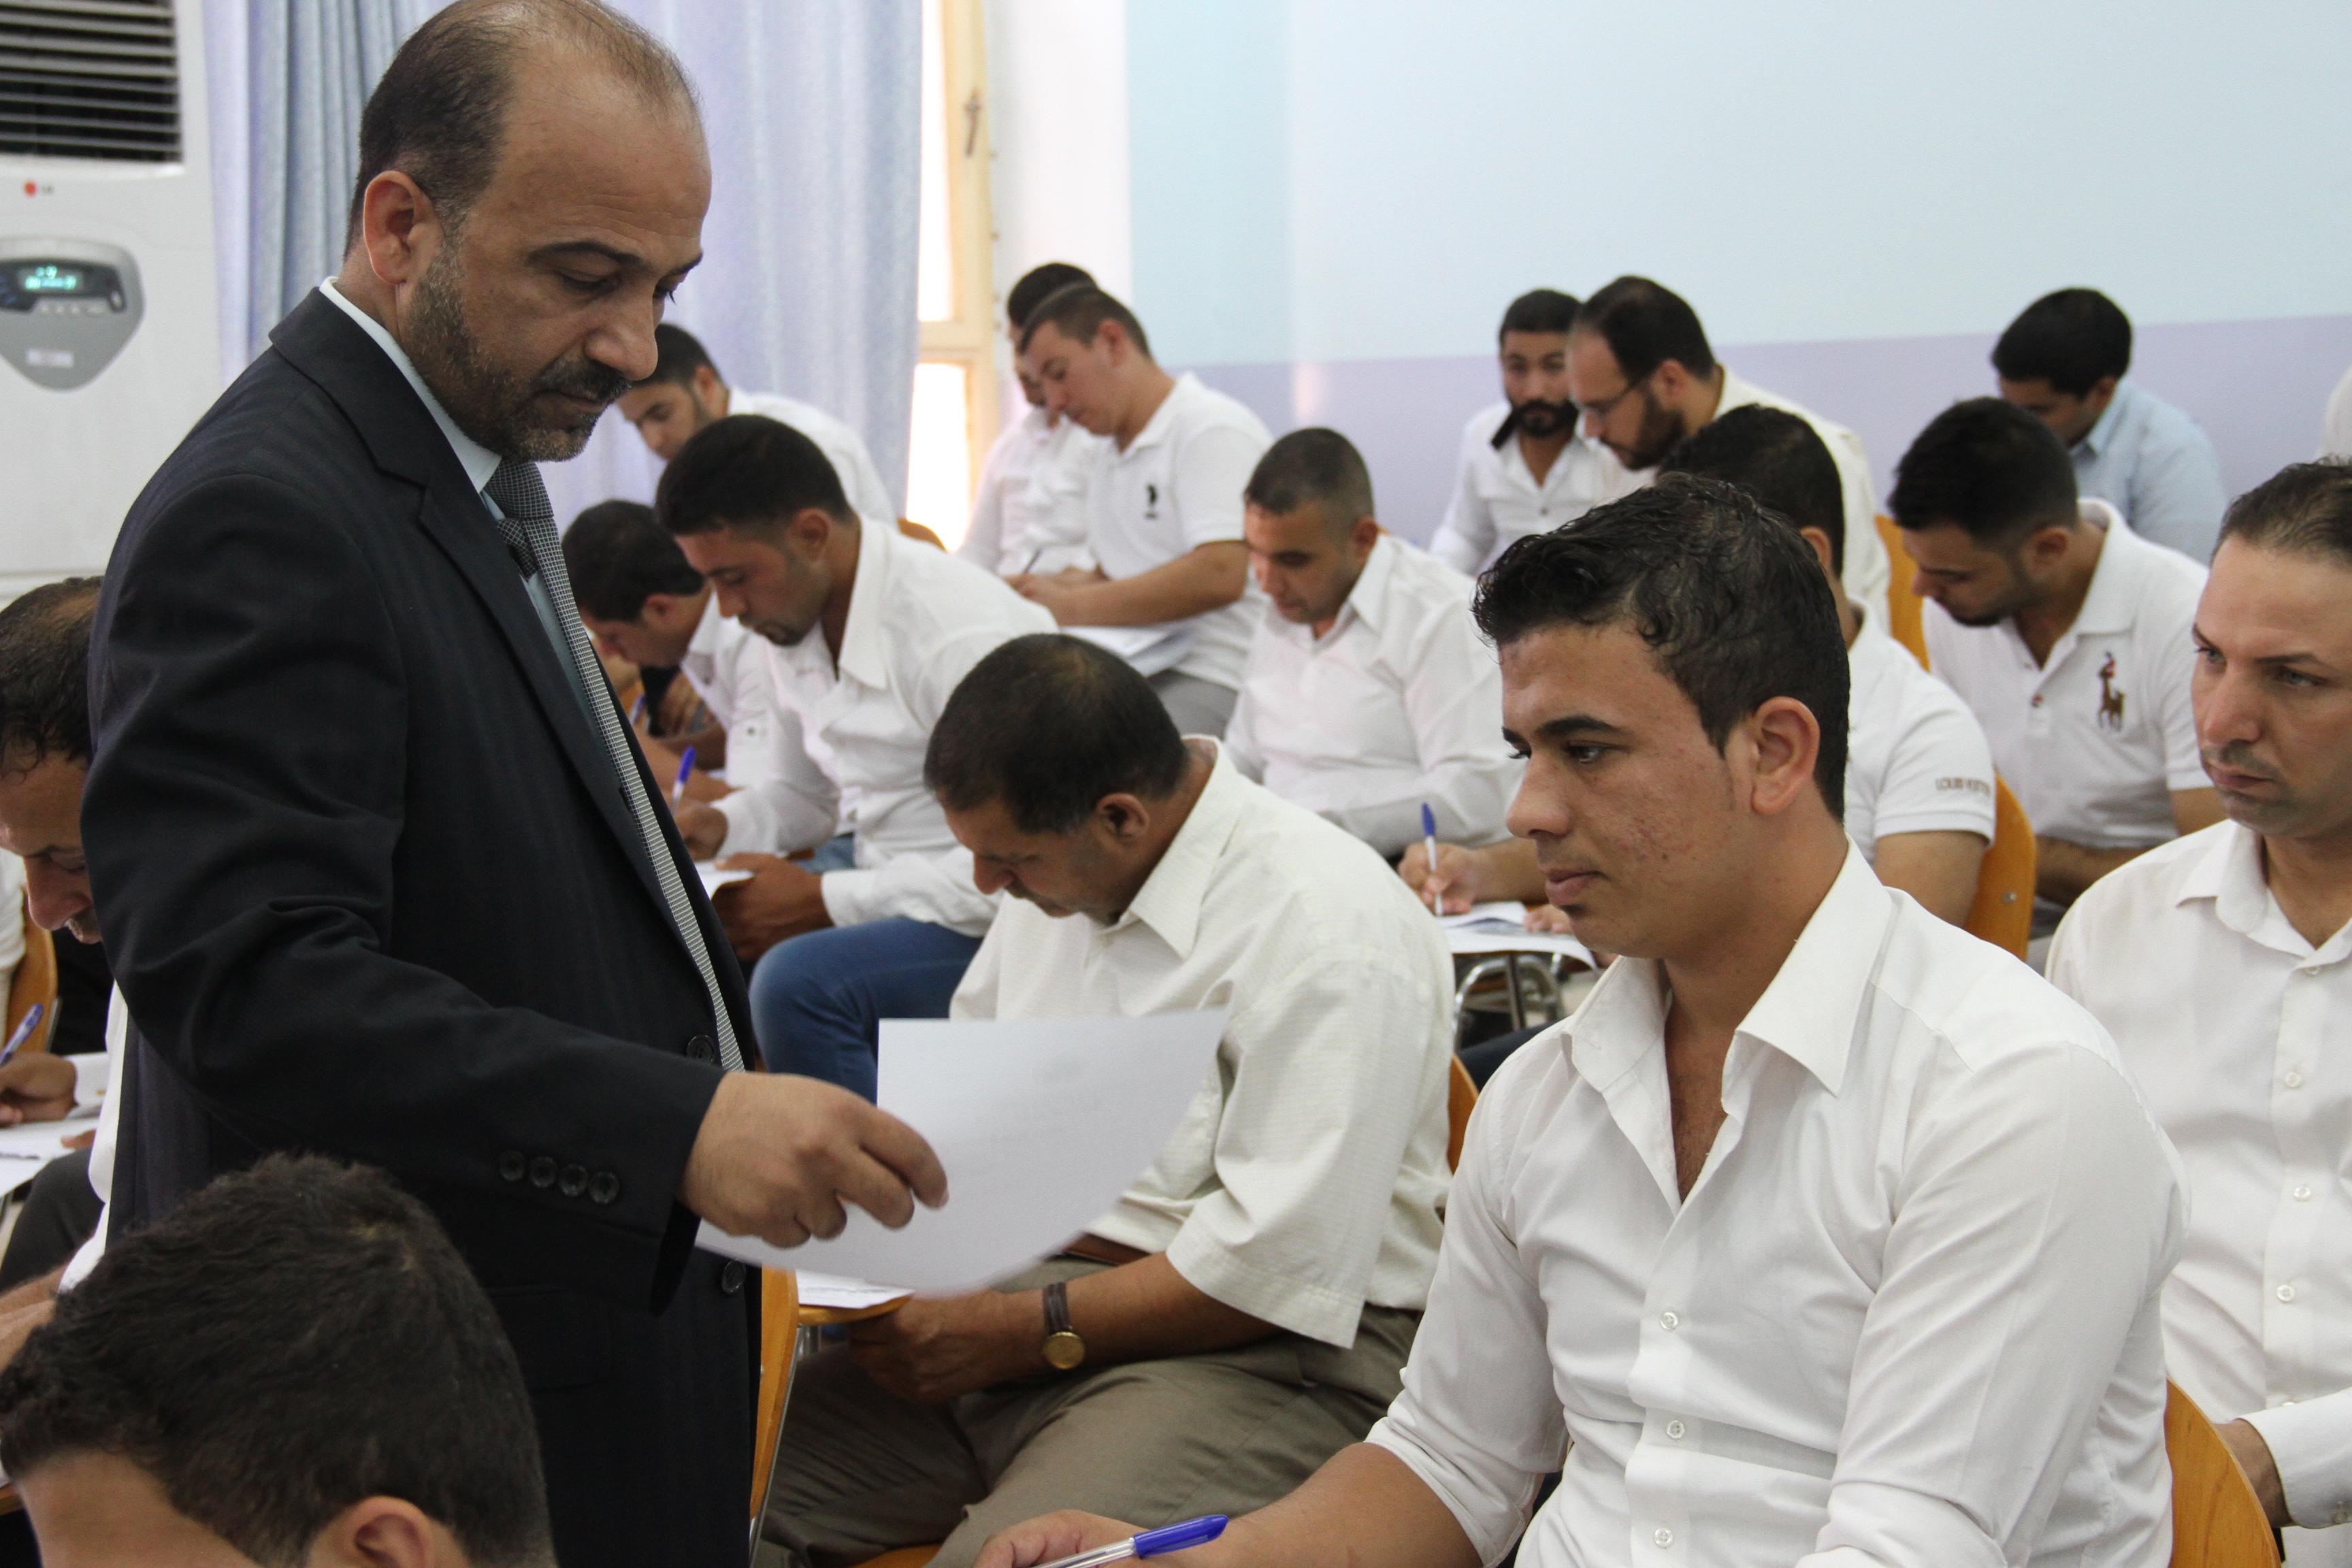 السيد عميد كلية القانون يتابع سير امتحانات الدور الثاني للعام الدراسي (2014/2013)